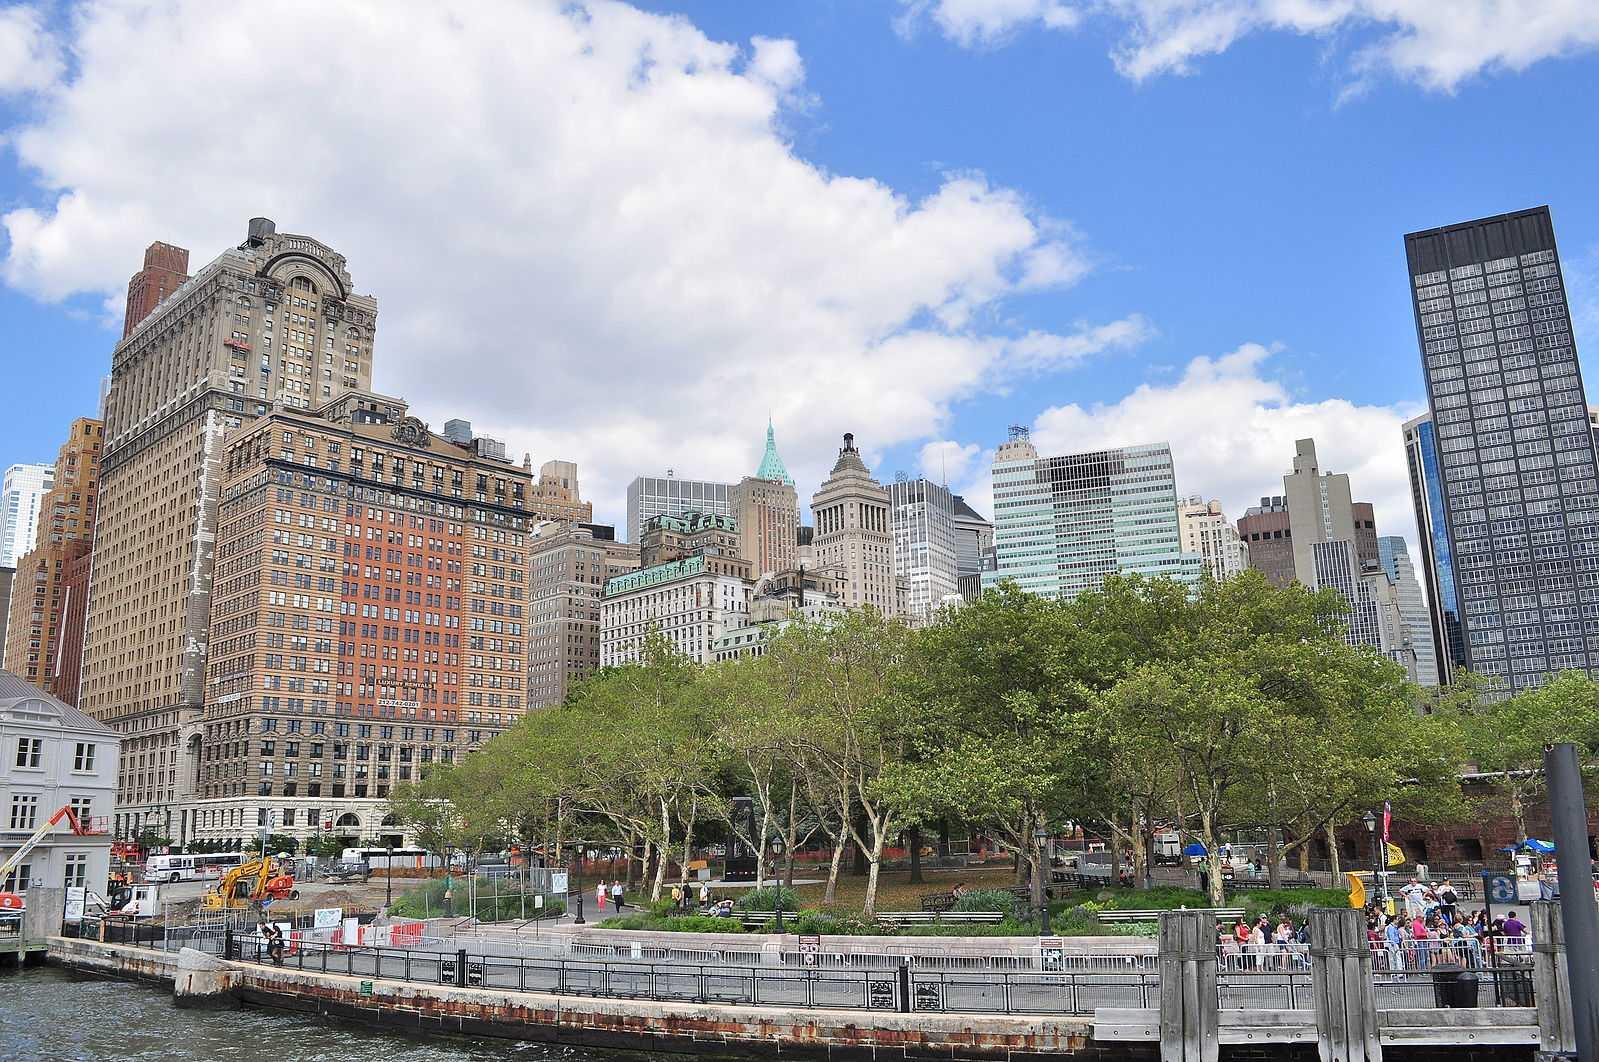 https://commons.wikimedia.org/wiki/File:Manhattan_-_Battery_Park_from_the_harbor_01_(9443272986).jpg